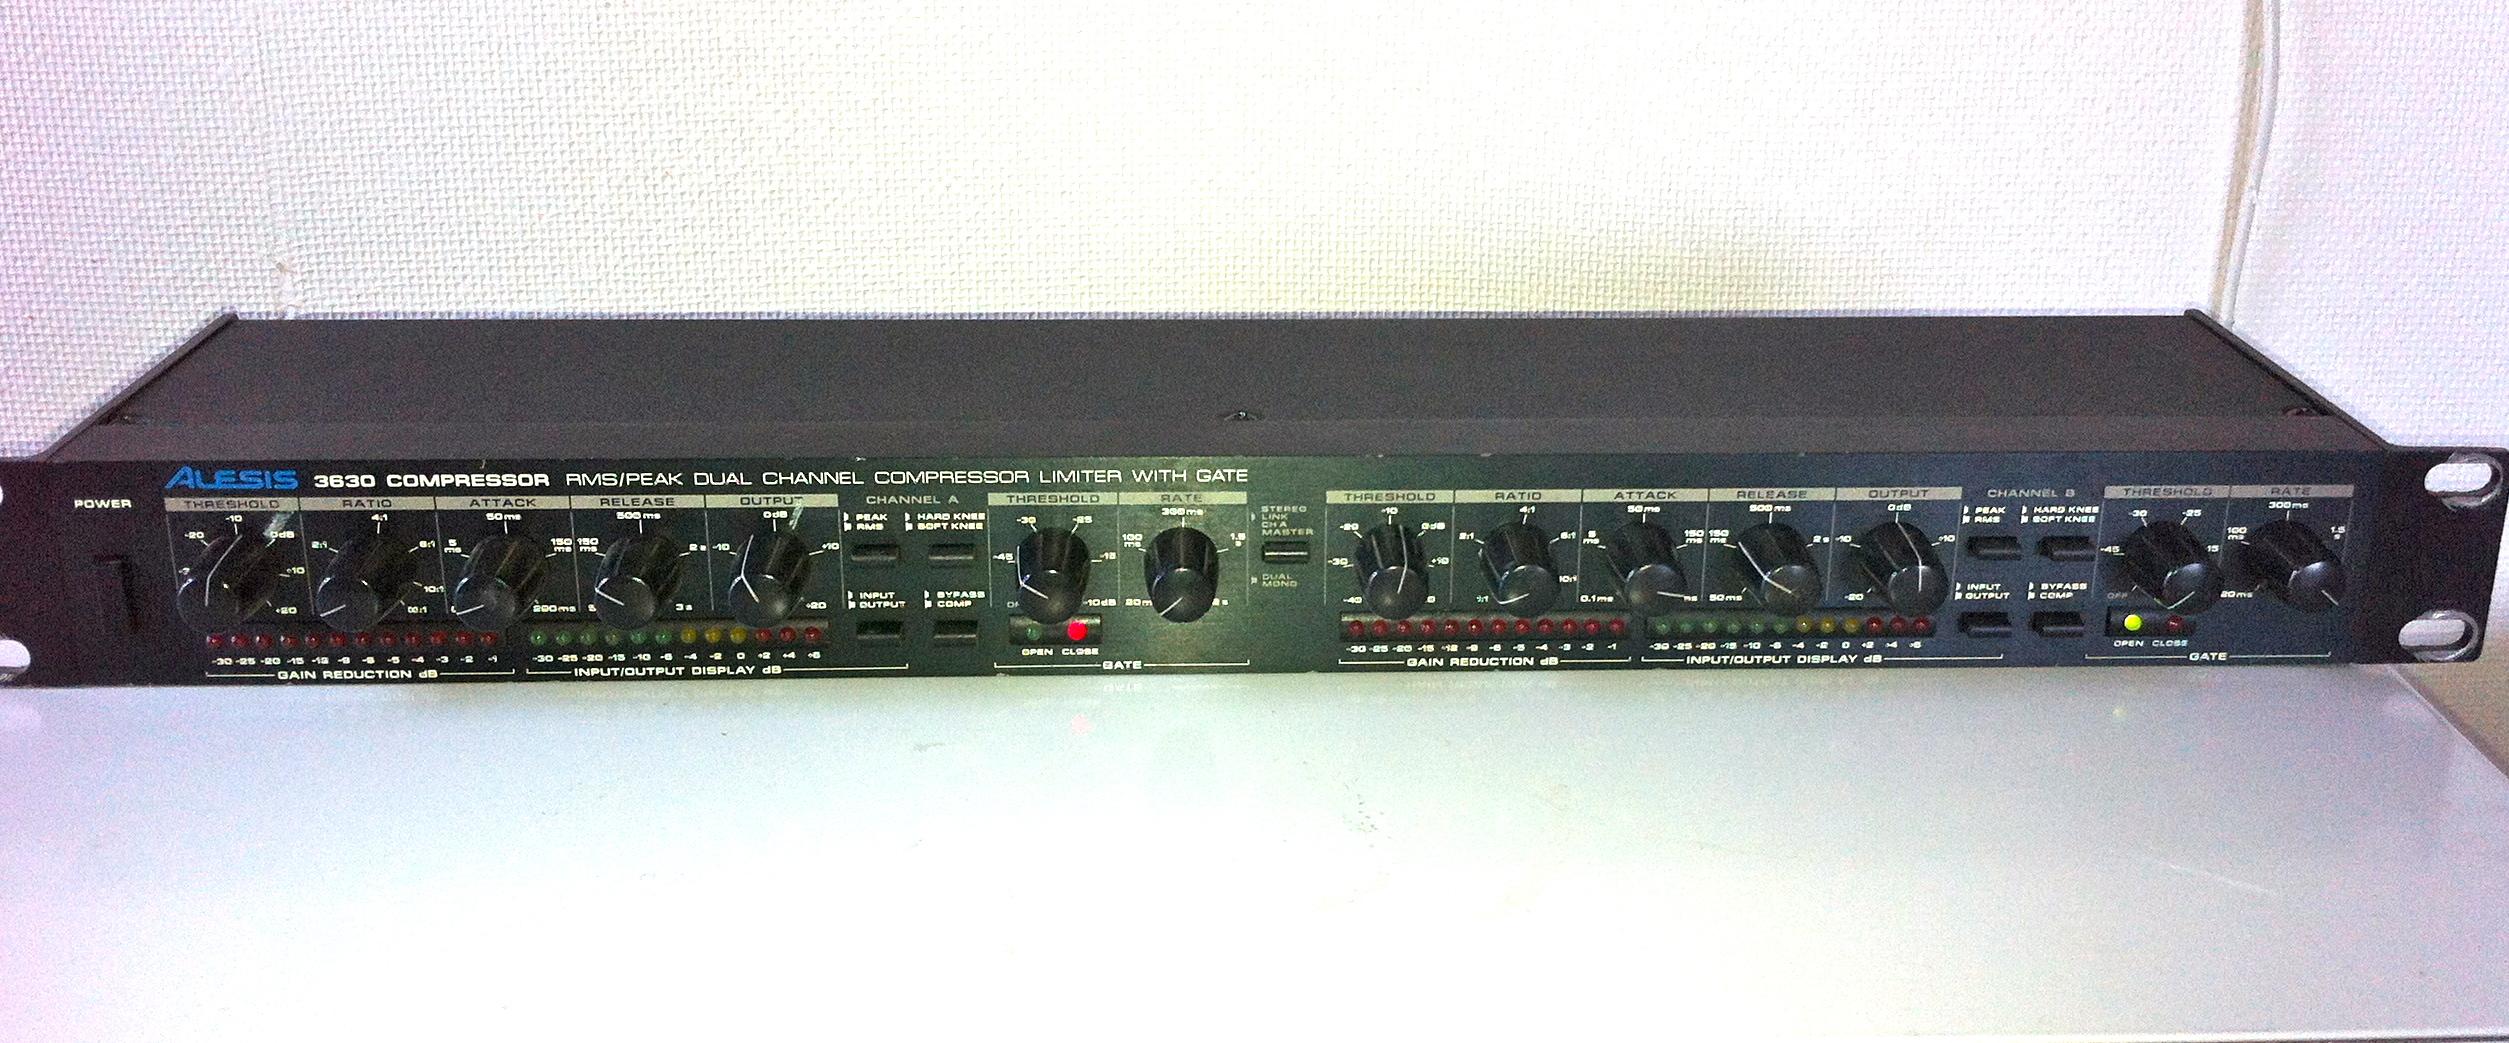 Alesis 3630 Compressor : alesis 3630 compressor image 718354 audiofanzine ~ Hamham.info Haus und Dekorationen